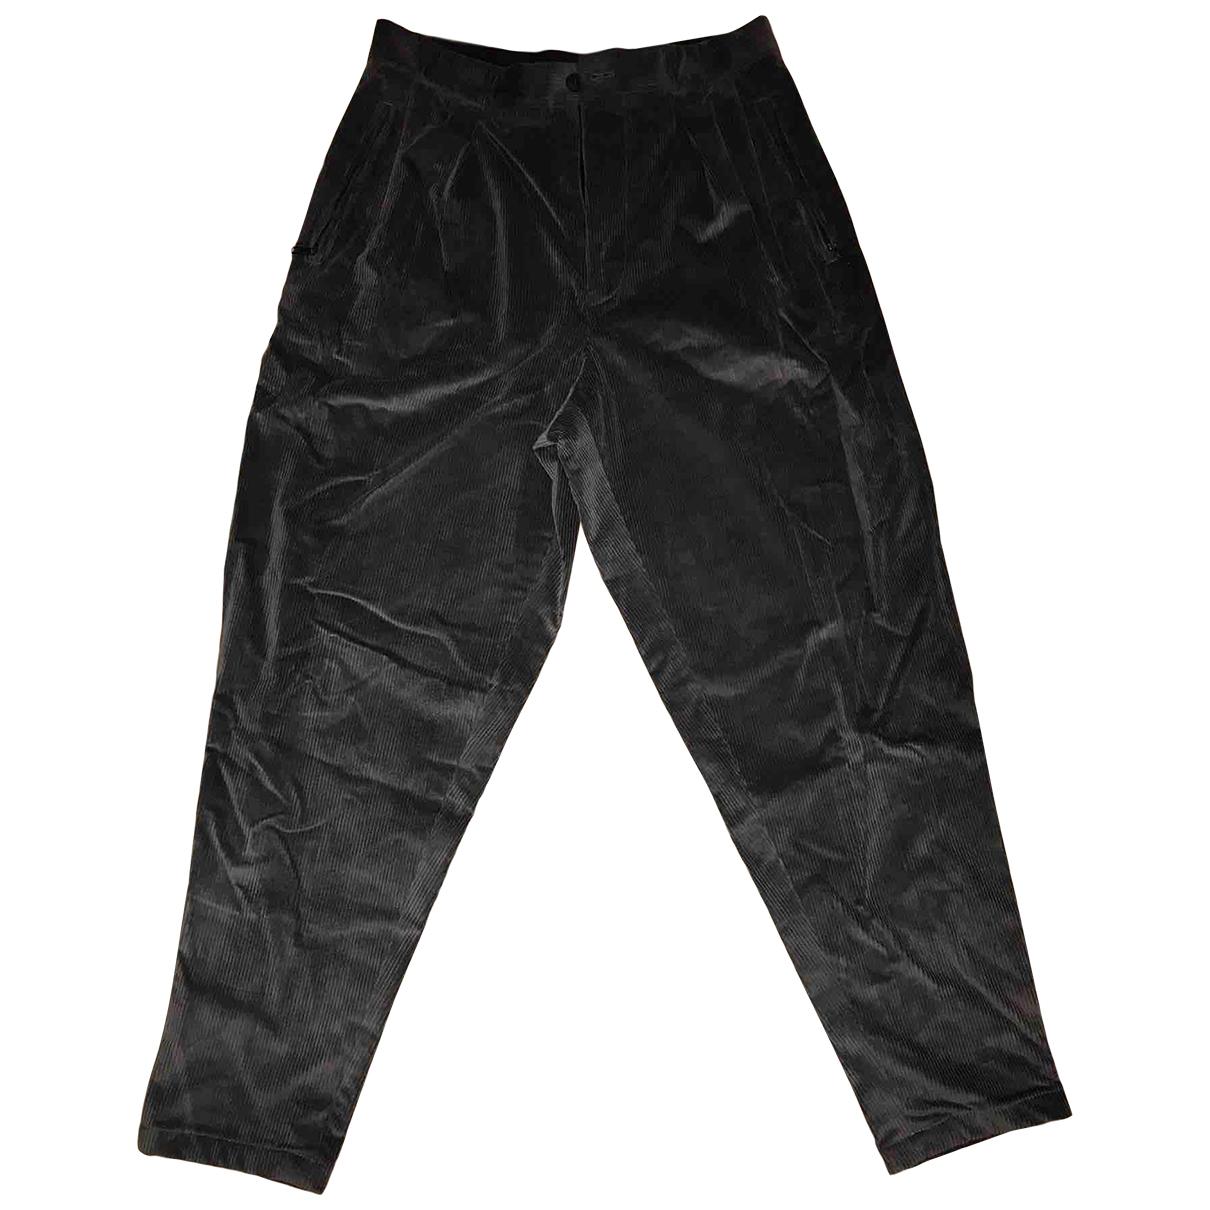 Giorgio Armani - Pantalon   pour homme en velours - anthracite